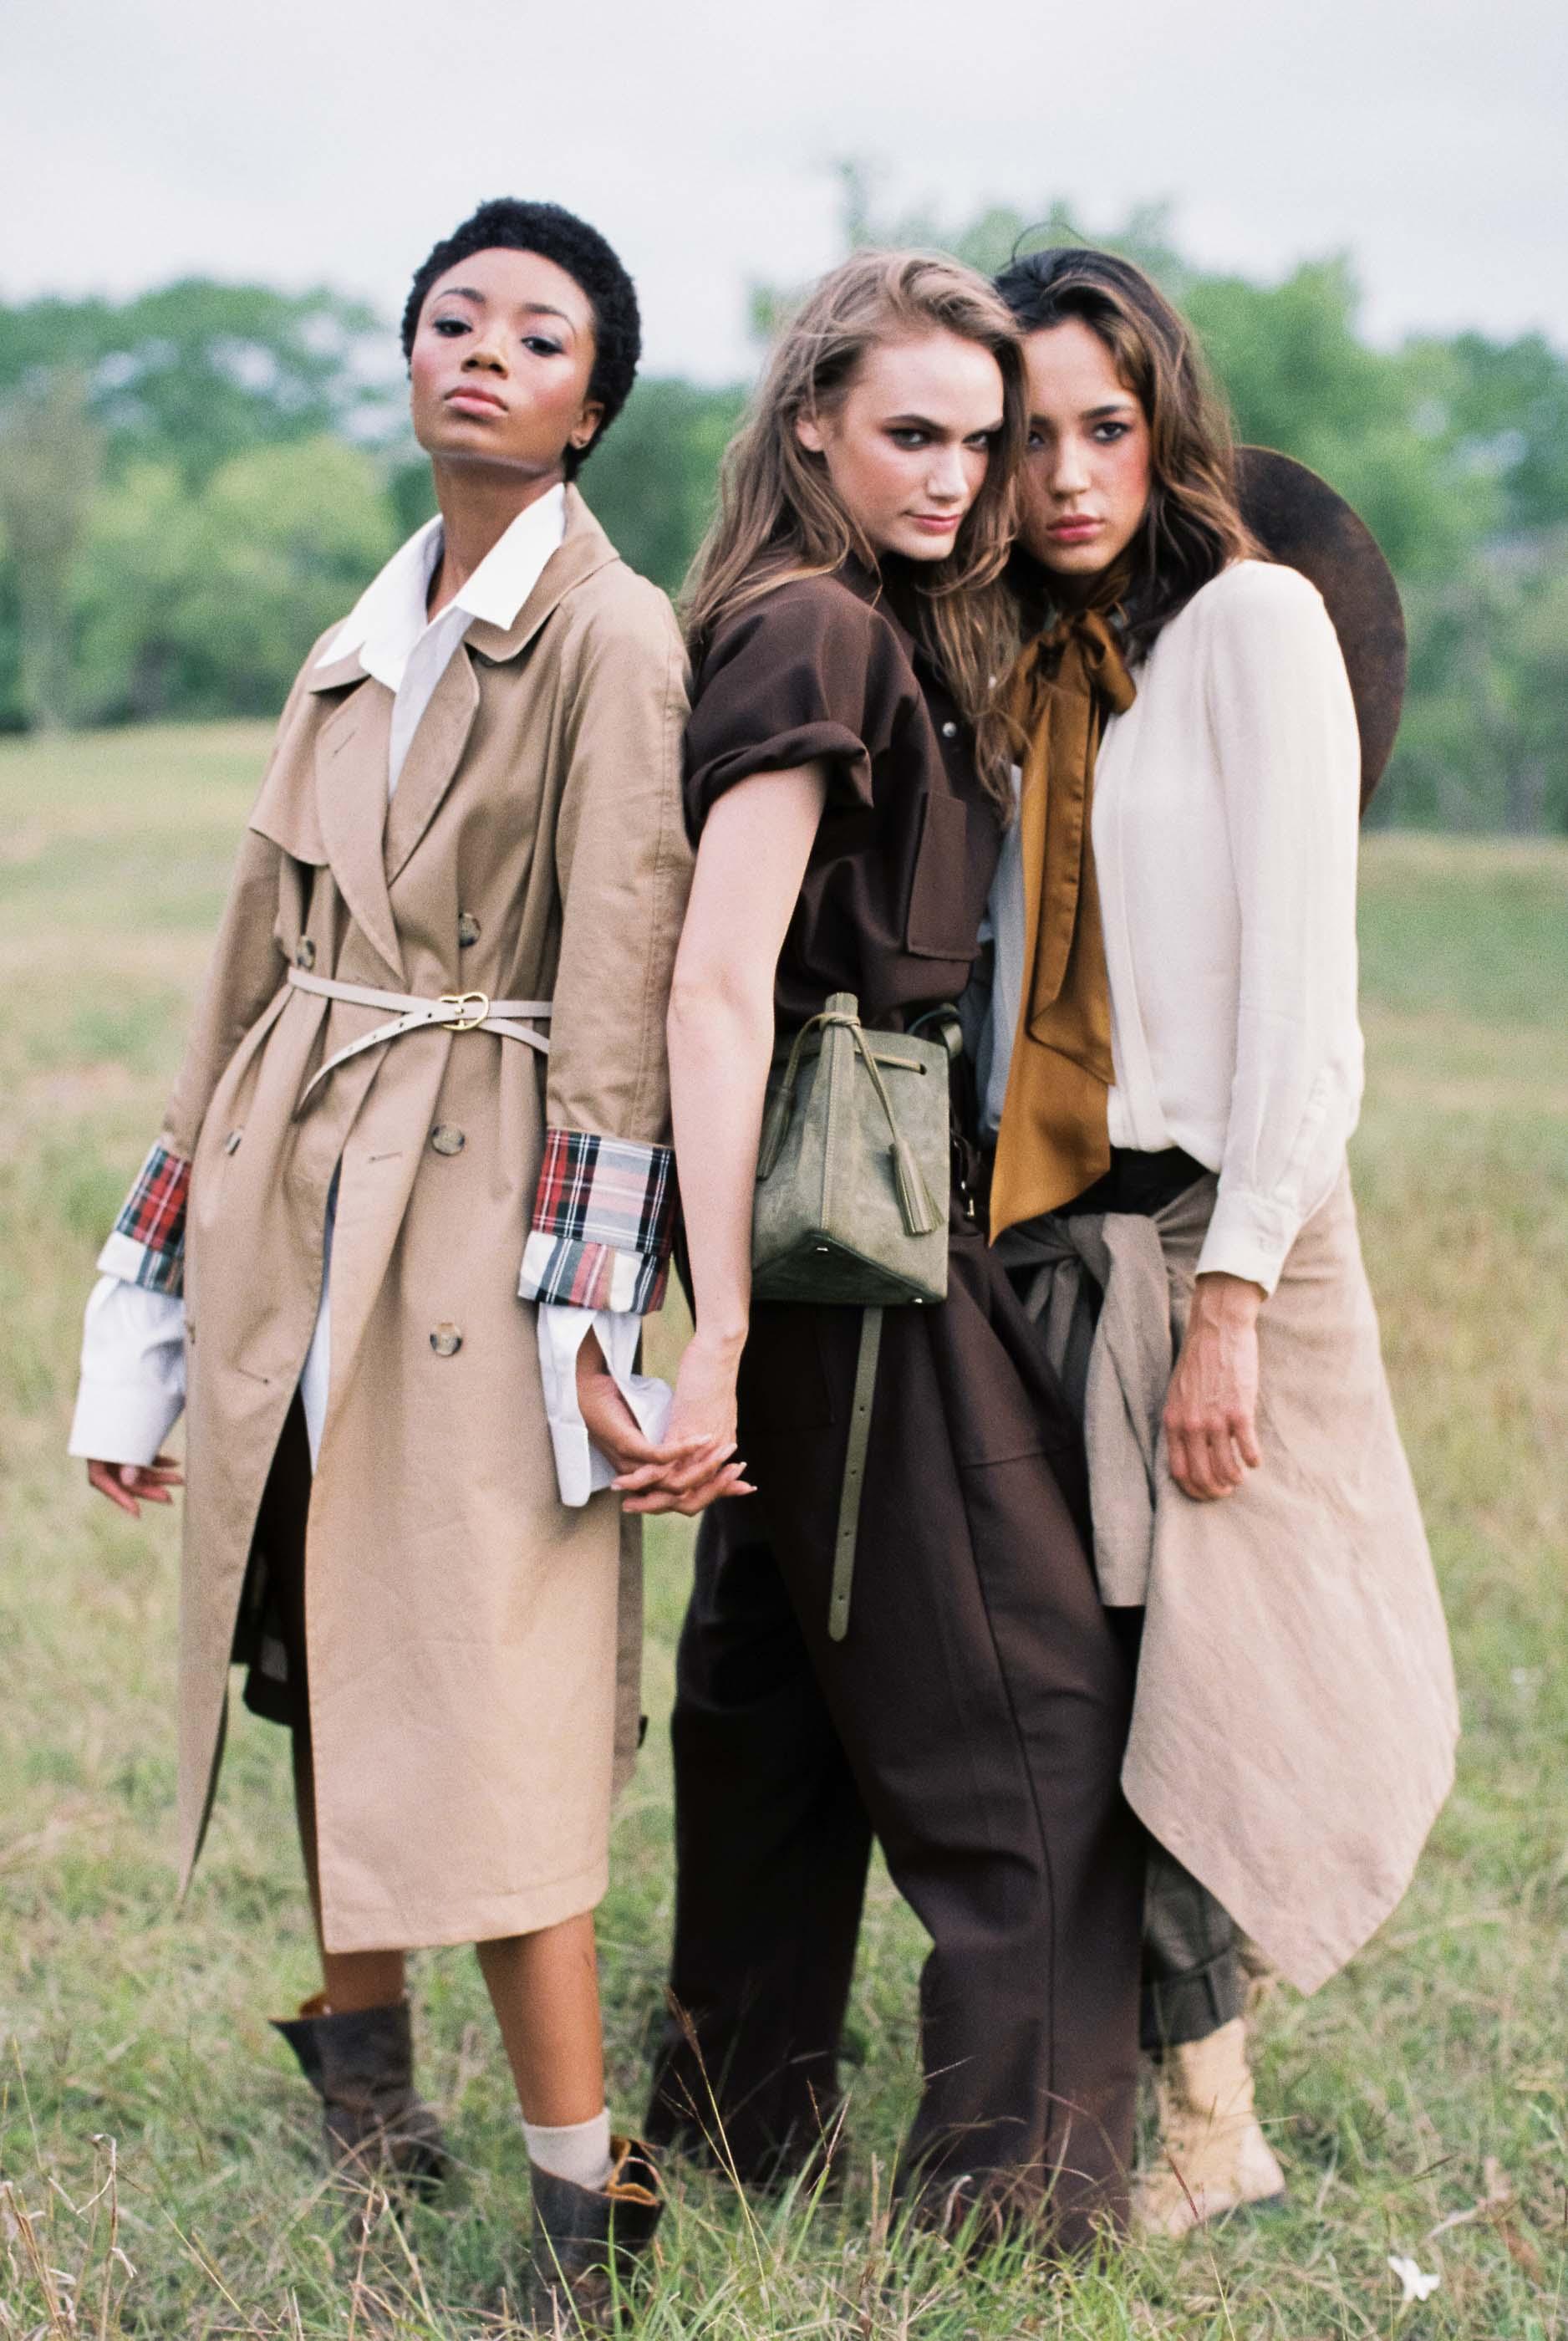 fashion_shoot_ines_zrinski (16 of 64).jpg